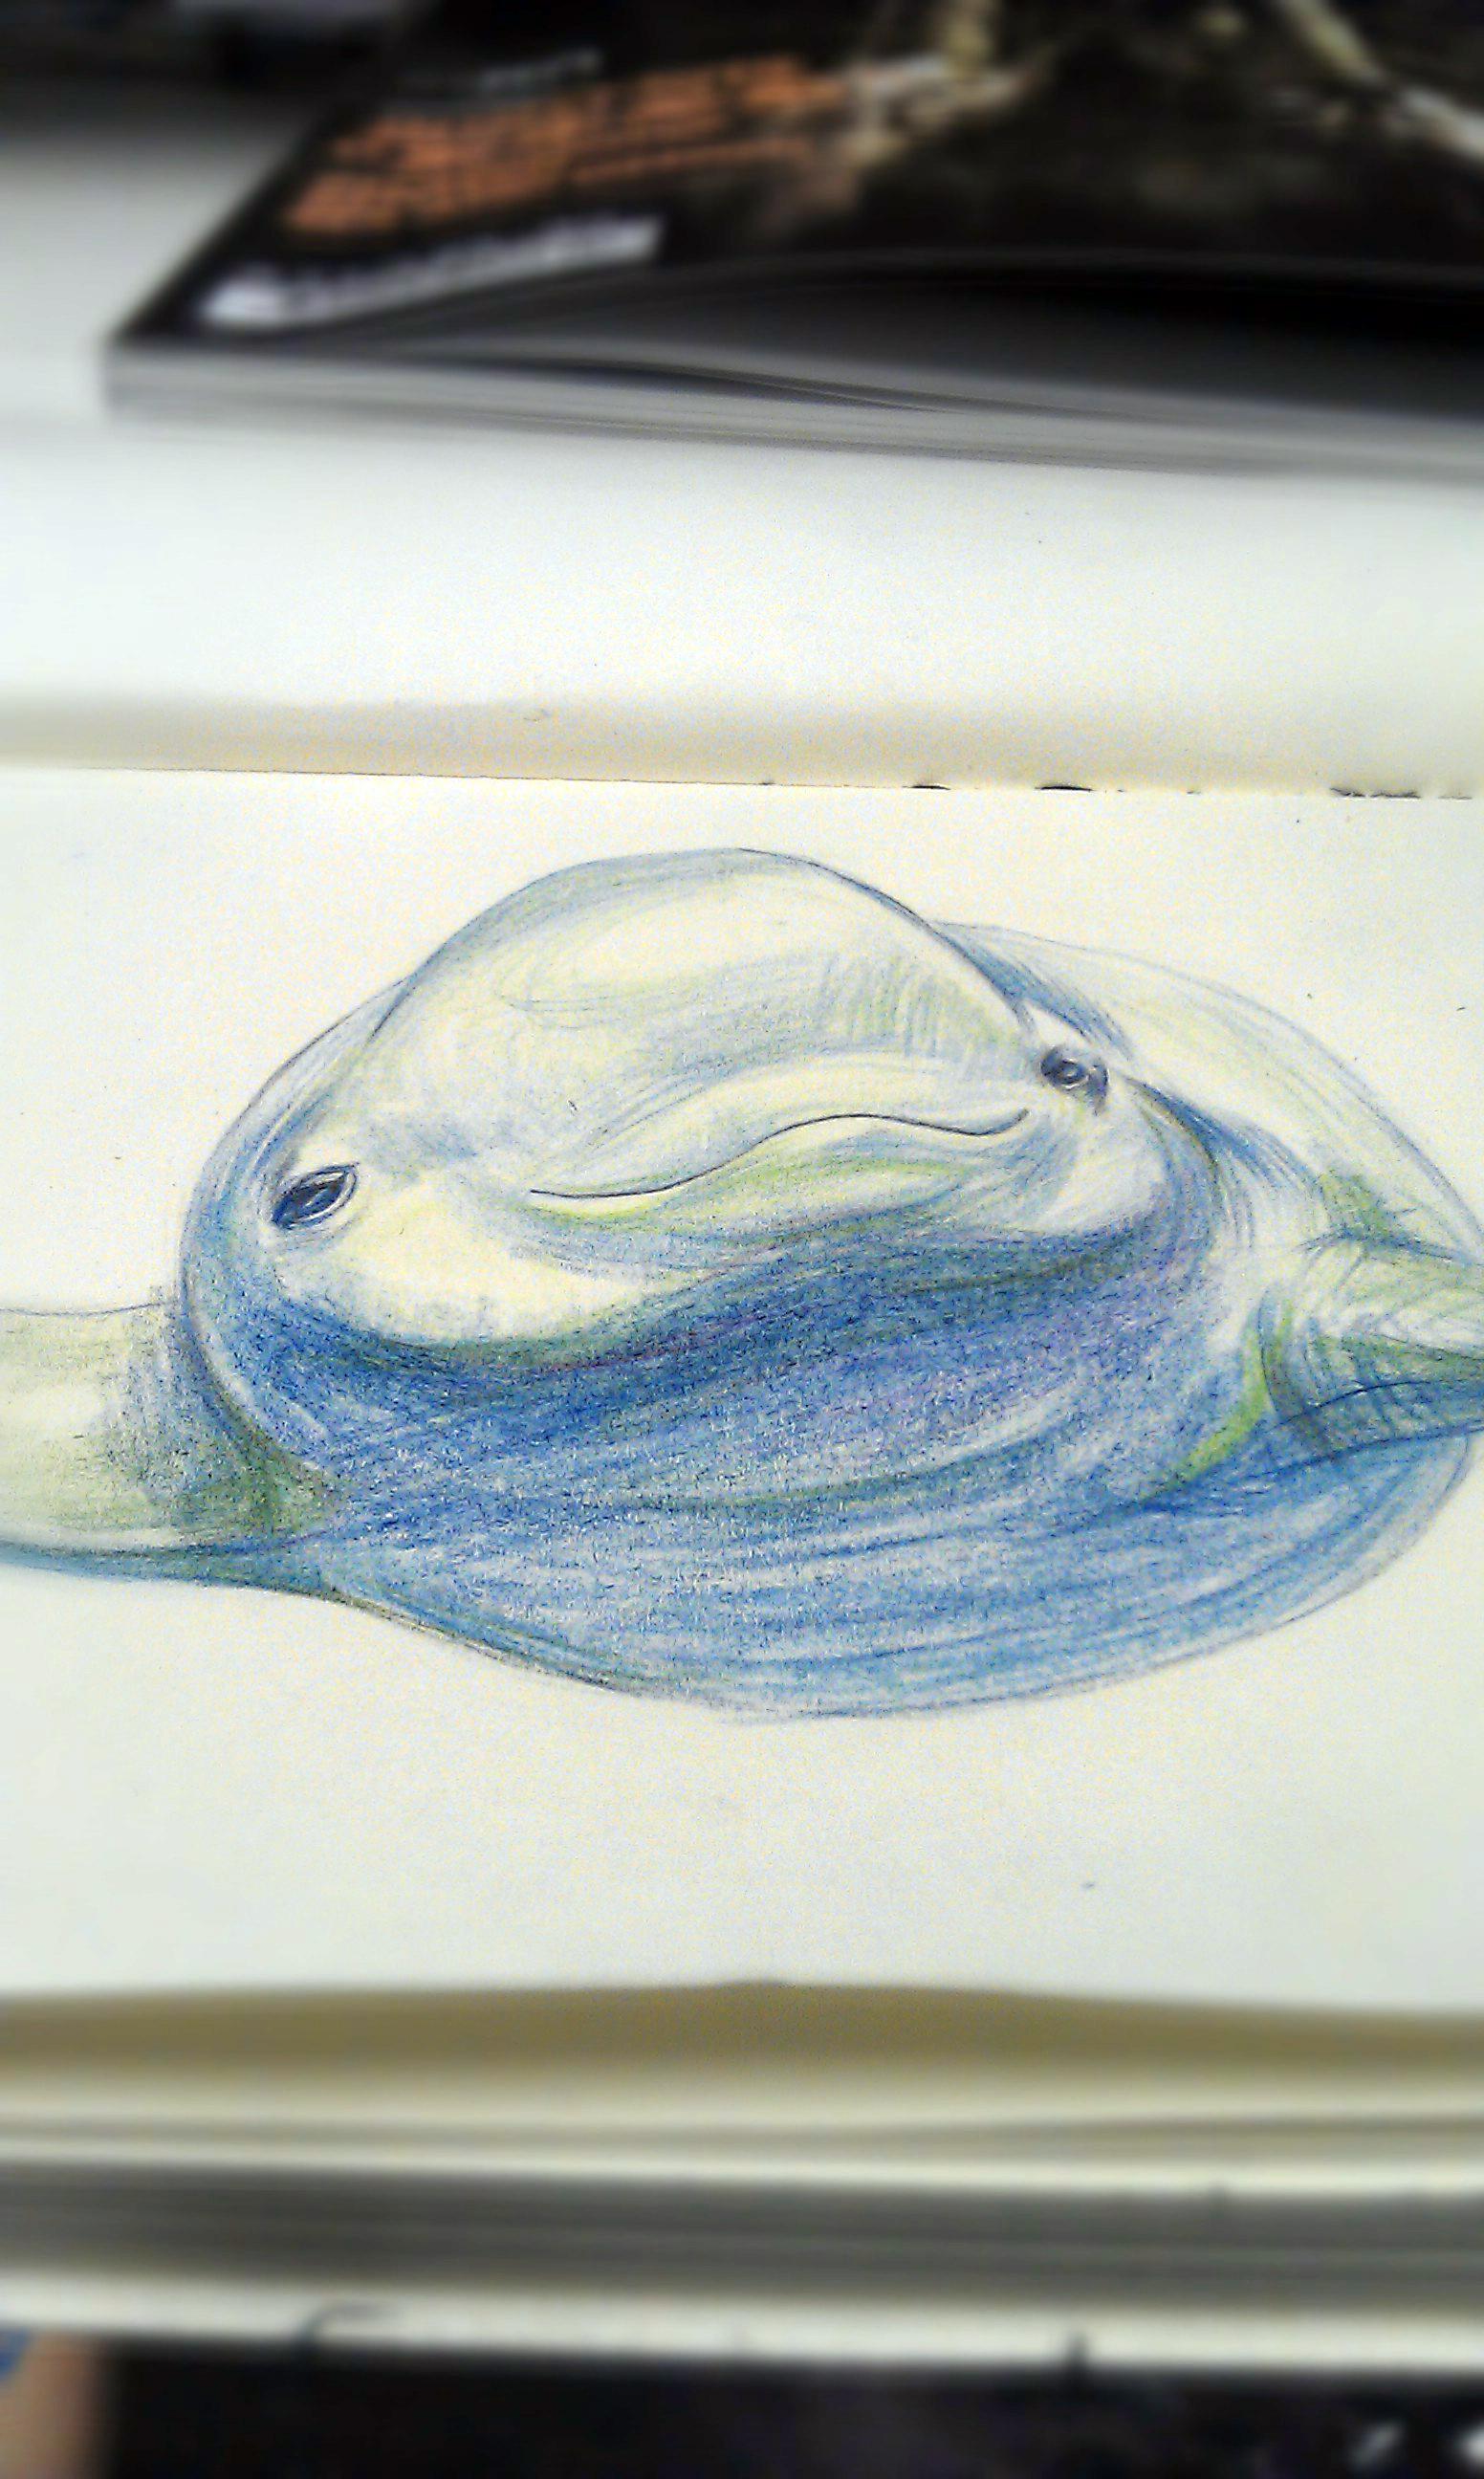 http://www.lnnoo.com/uploads/allimg/150402/1-150402235621H6.jpg_濒临灭绝的动物\